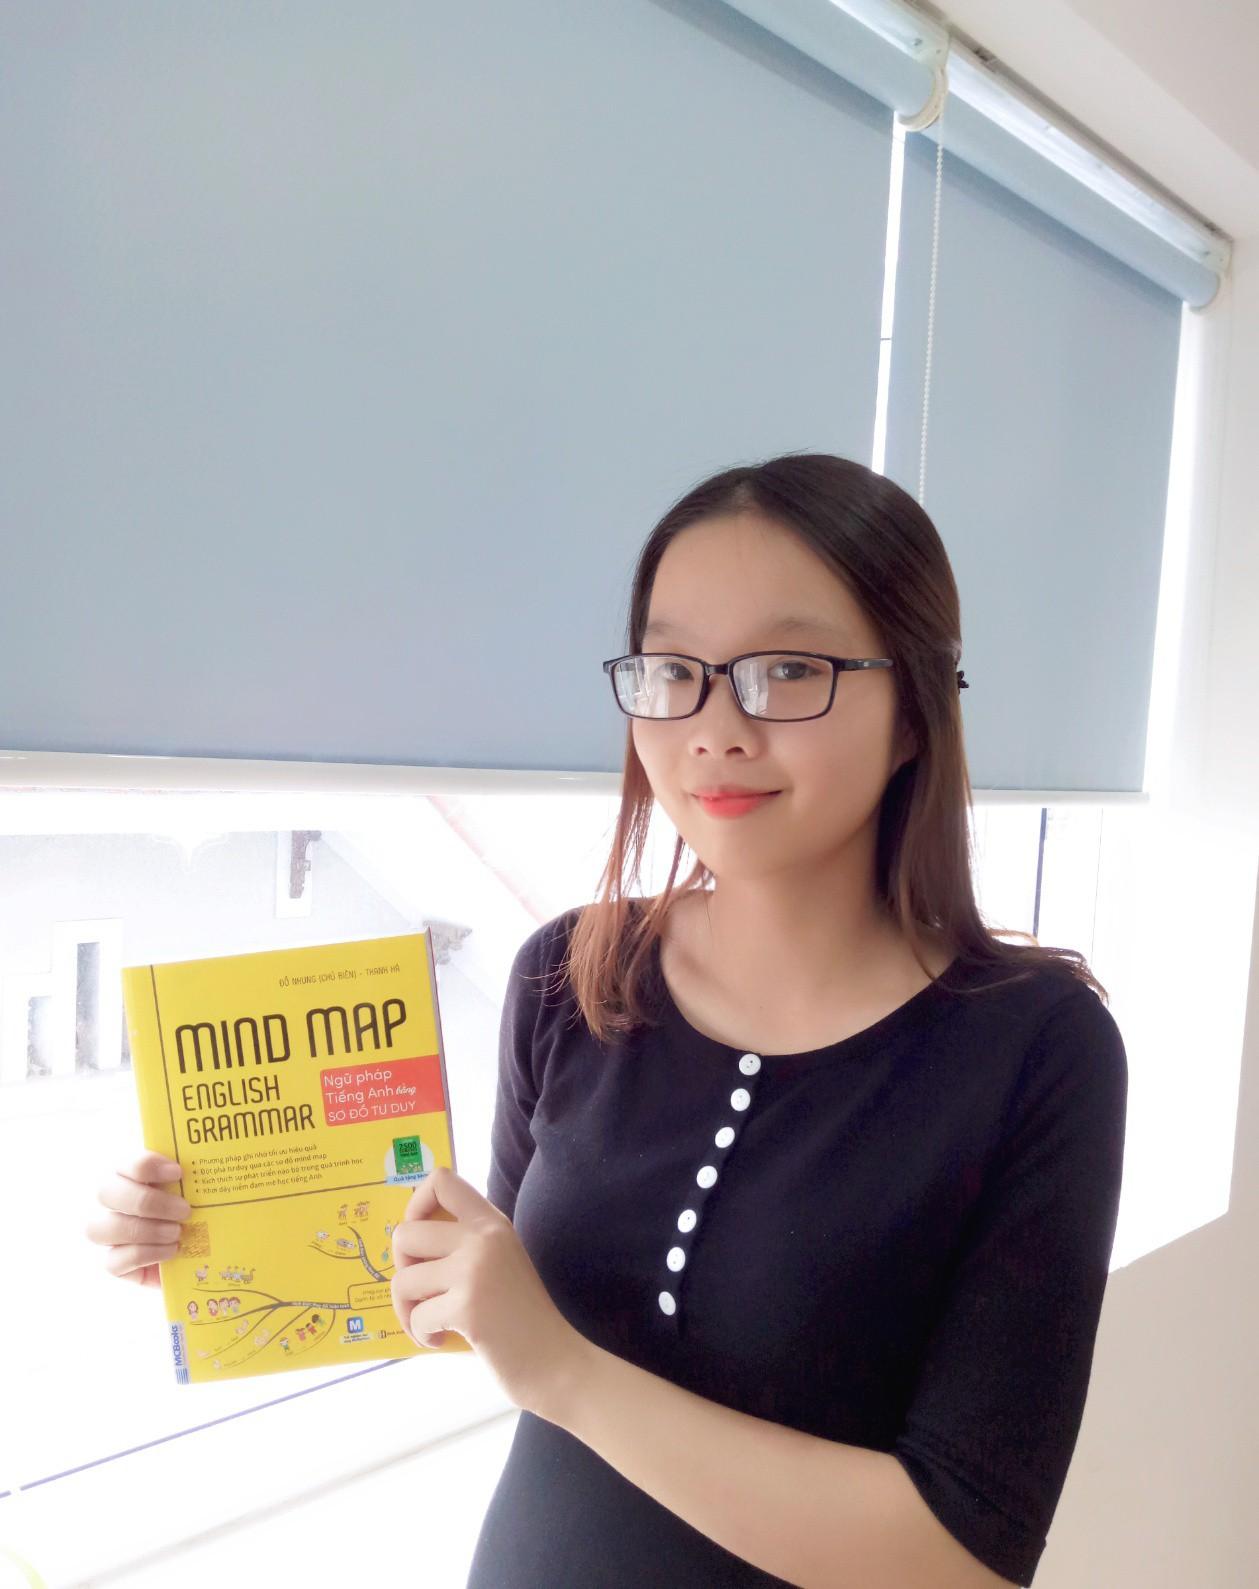 Review cuốn sách Mind map English Grammar - Ngữ pháp tiếng Anh bằng sơ đồ tư duy - Ảnh 3.